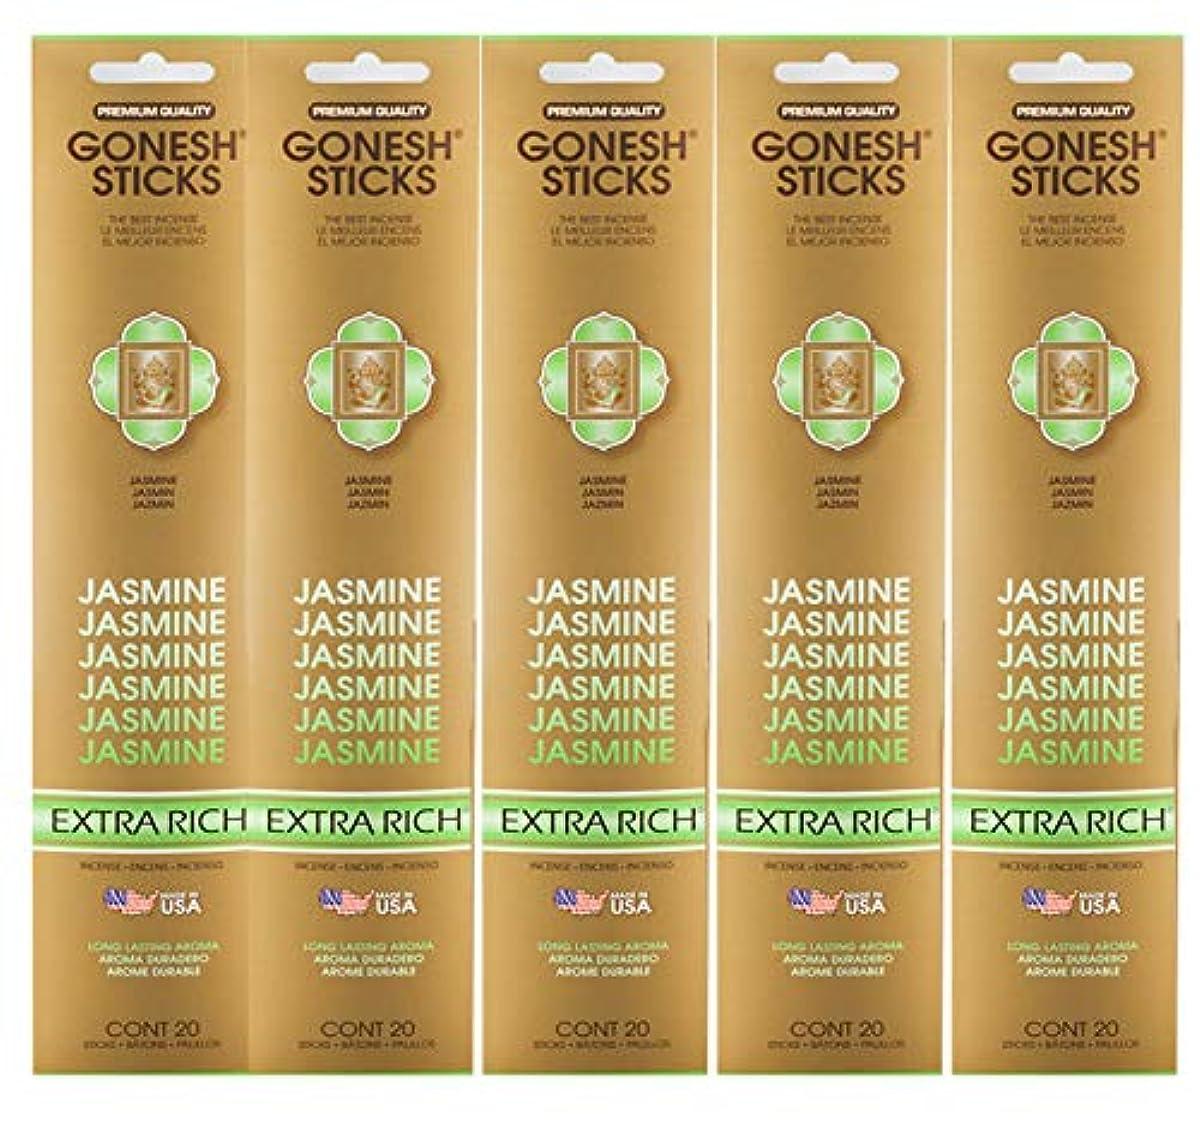 発明刈る省略Extra Richコレクション – ジャスミン5パック( 100 Incense Sticks合計)